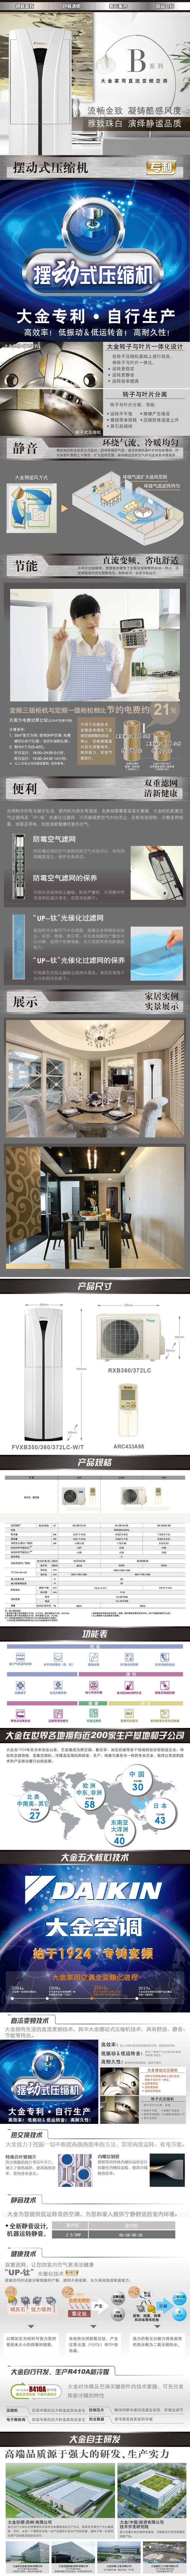 穿墙墙洞:10元/个;接通室外机排水管道费用:80元/2米